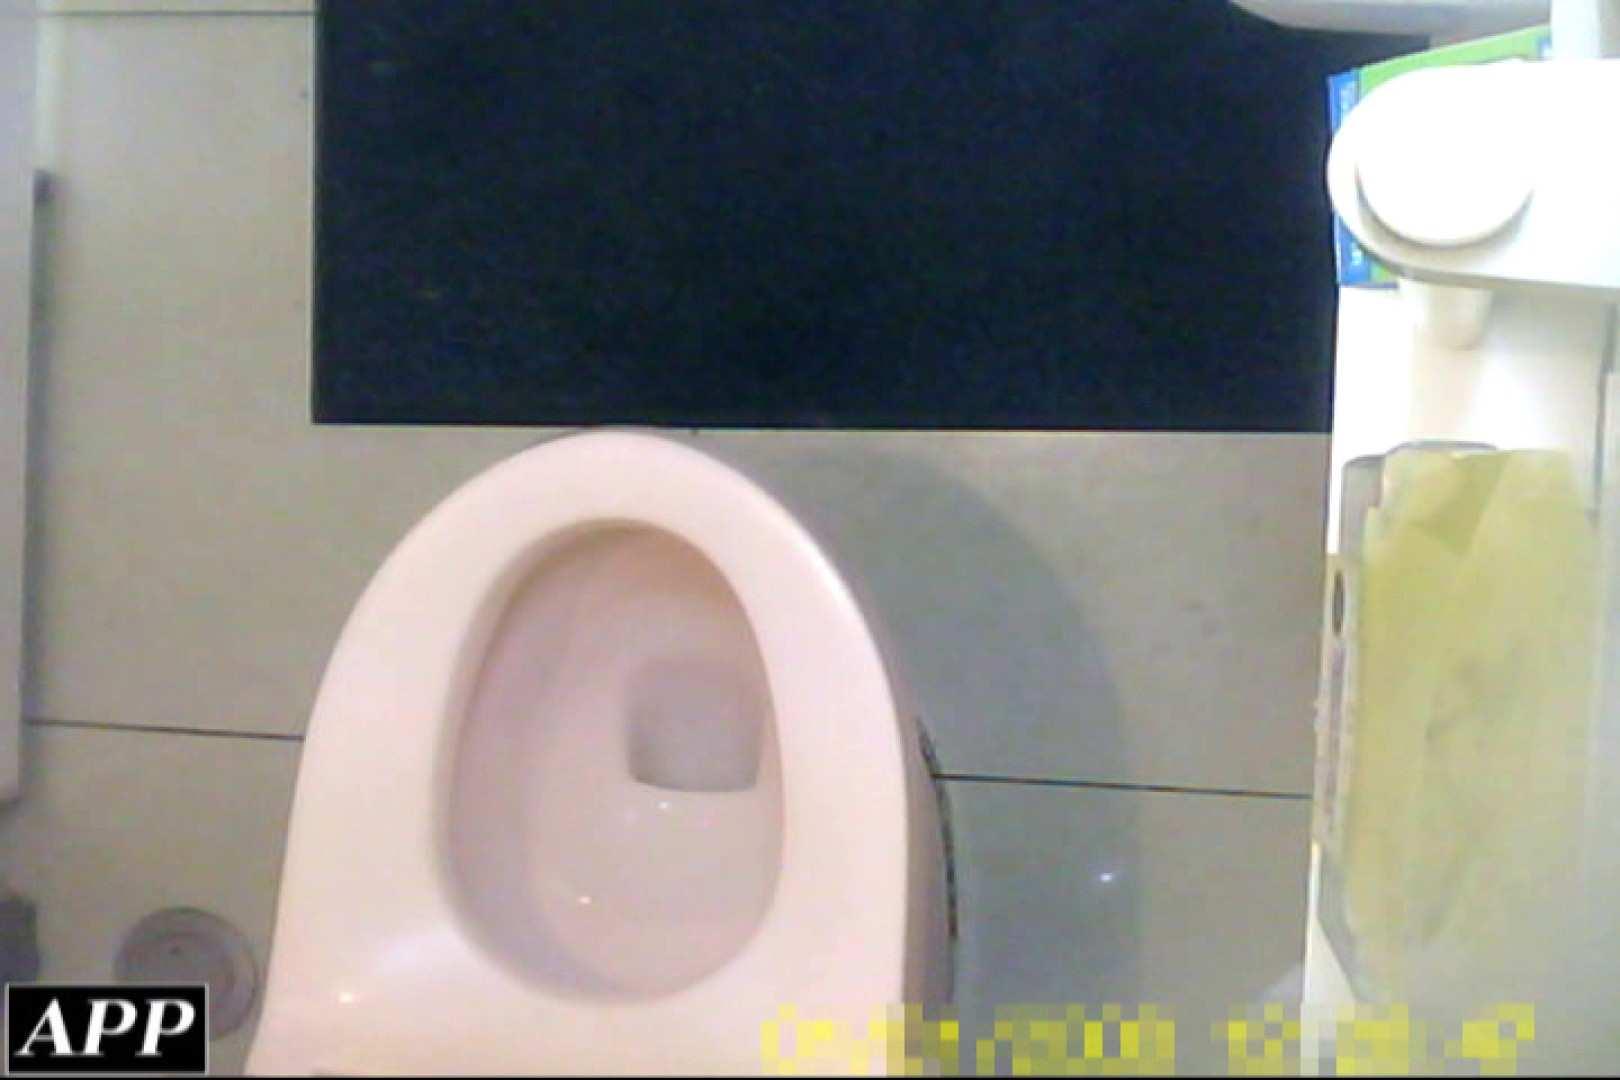 3視点洗面所 vol.041 洗面所 | 独身エッチOL  83pic 5